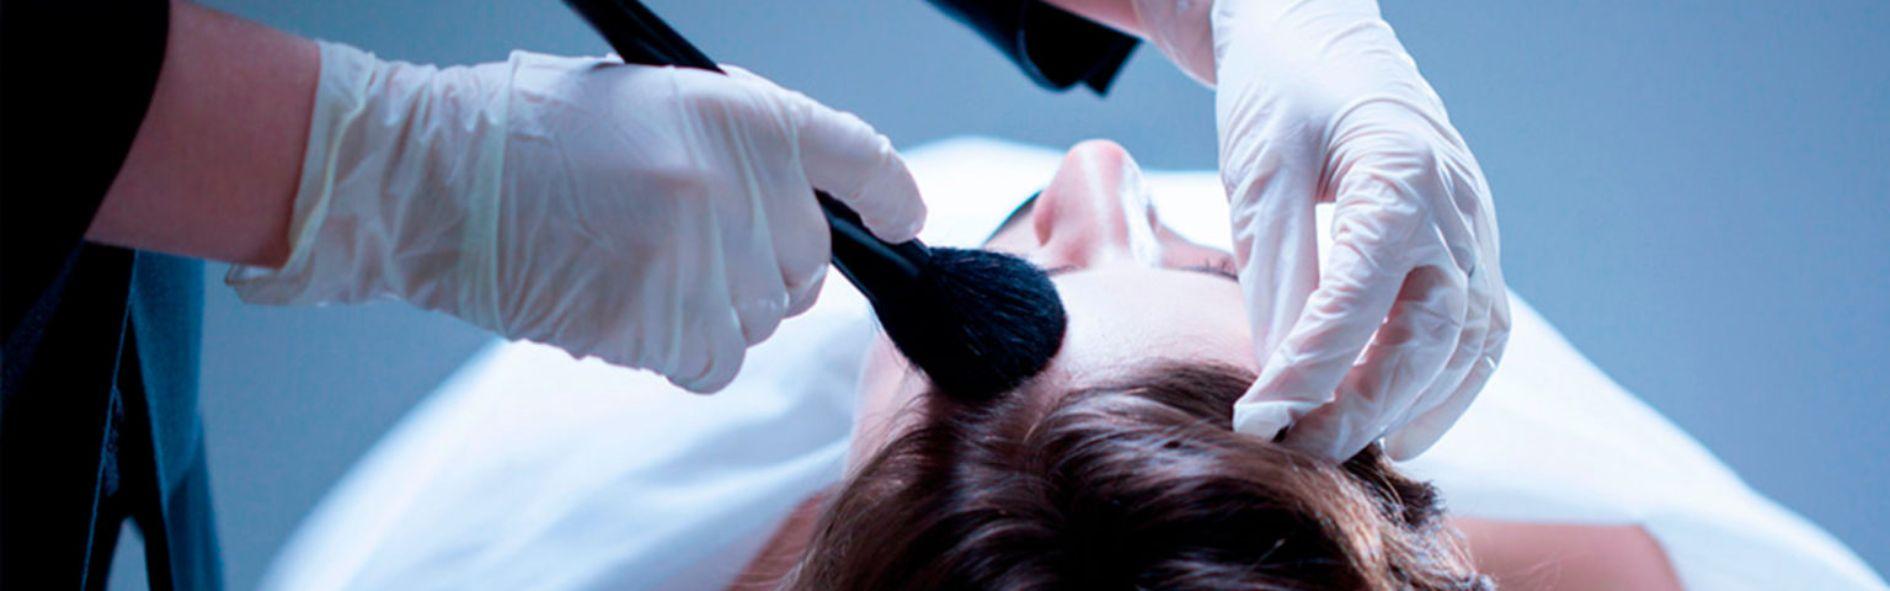 Descubre la tanatopraxia y en qué se diferencia de la tanatoestética